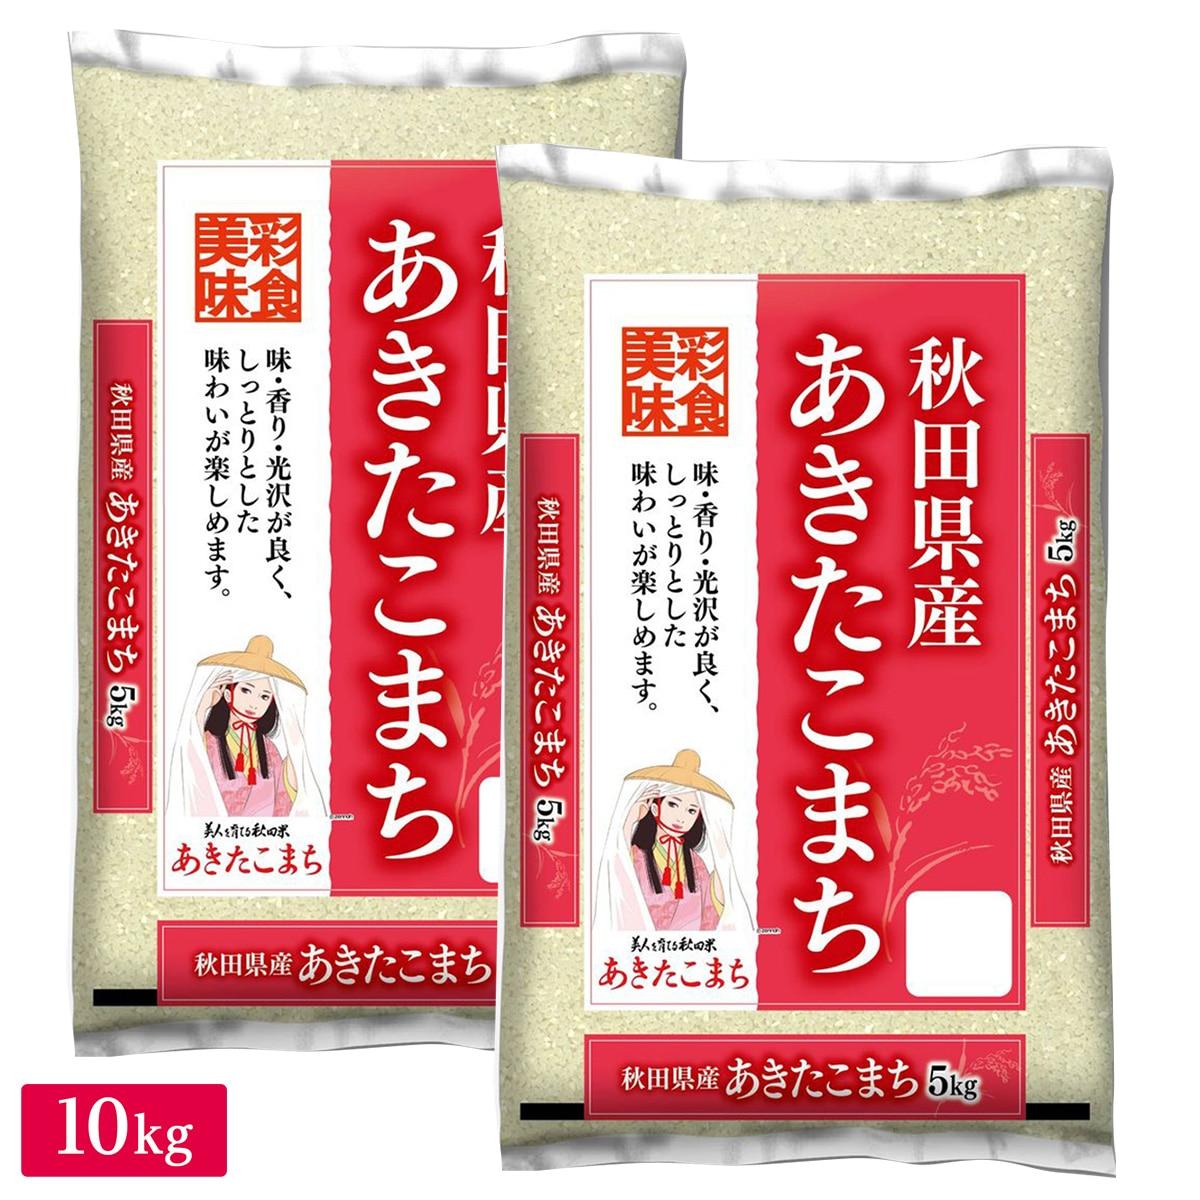 むらせ ■【精米】【新米】令和元年産 秋田県産あきたこまち 10kg(5kg×2) 20711